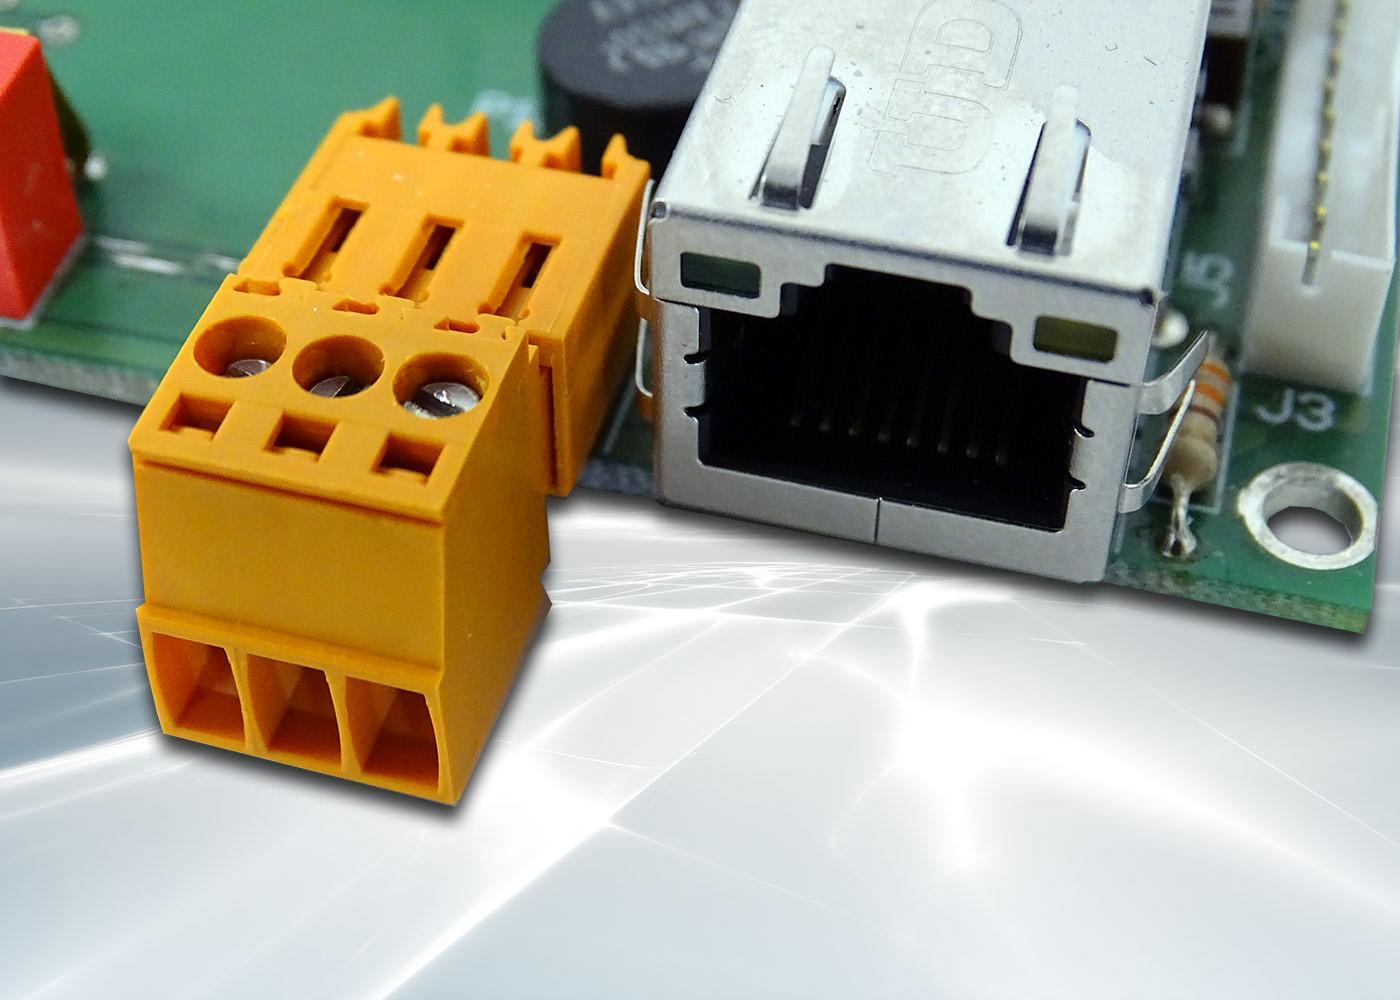 Terminal ASCII OEM RS232 / Ethernet avec afficheur OLED et gestion de 8 touches et 4 LEDs – Bornier d'alimentation 9-32V et prise Ethernet